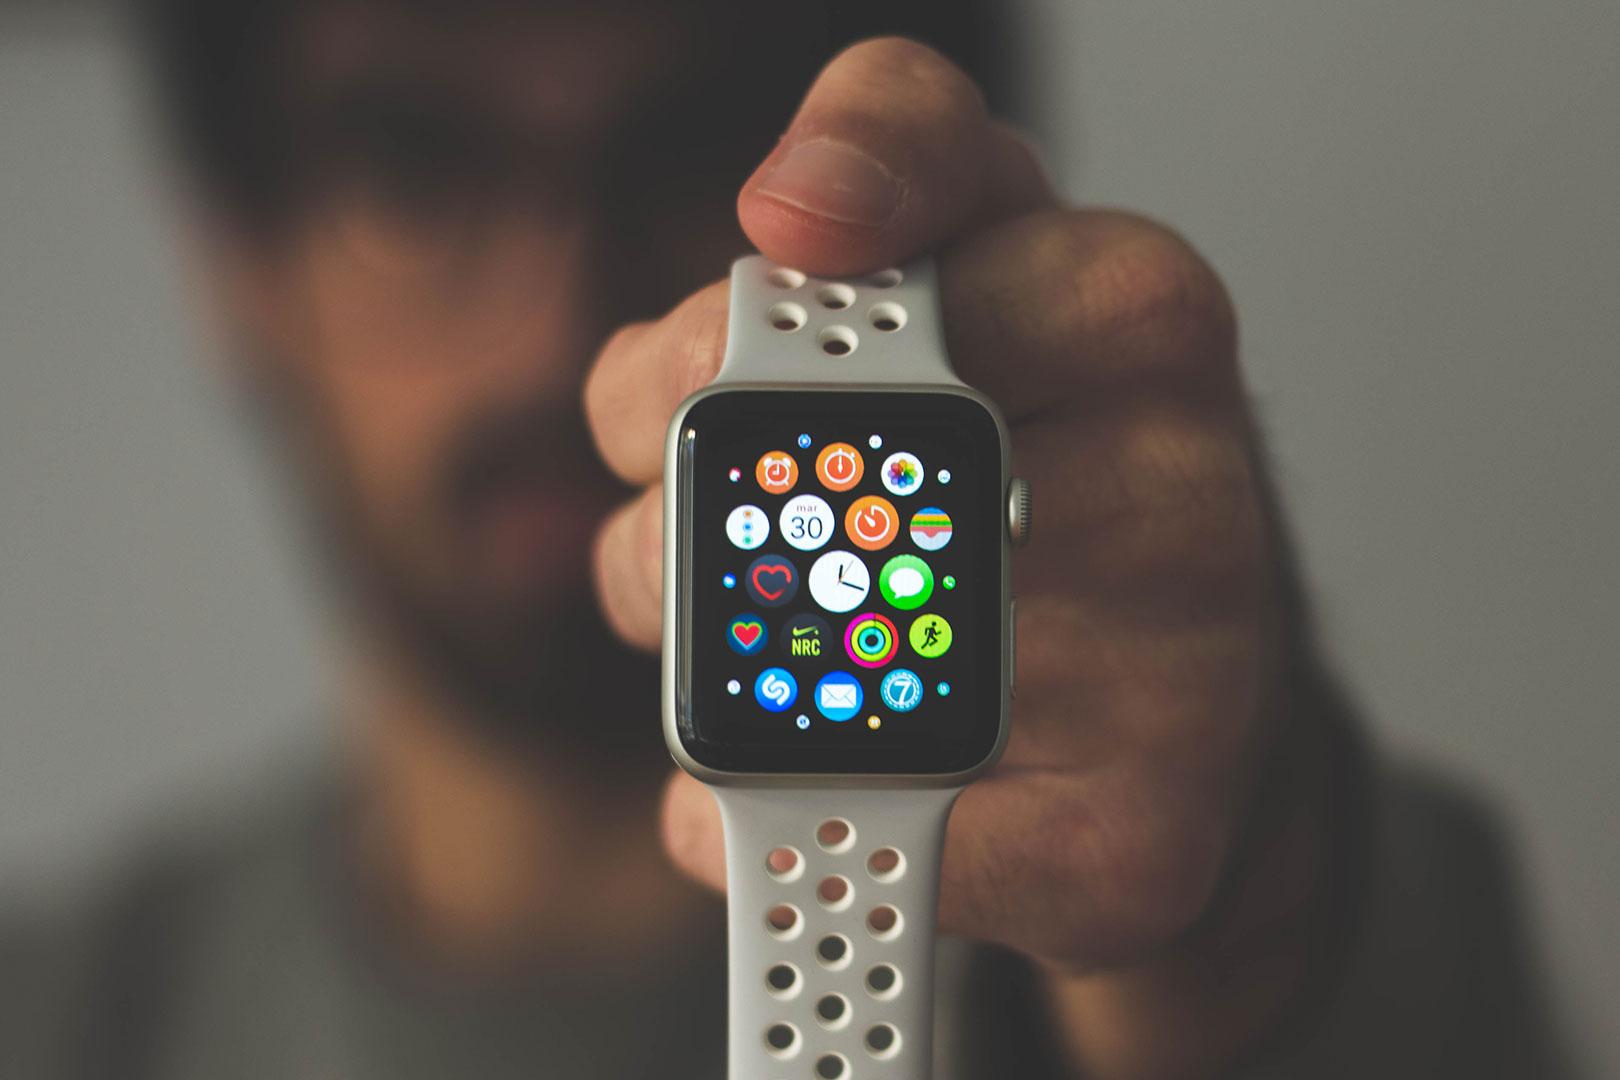 Seguridad en Smartwatch, ¿realmente son dispositivos seguros?